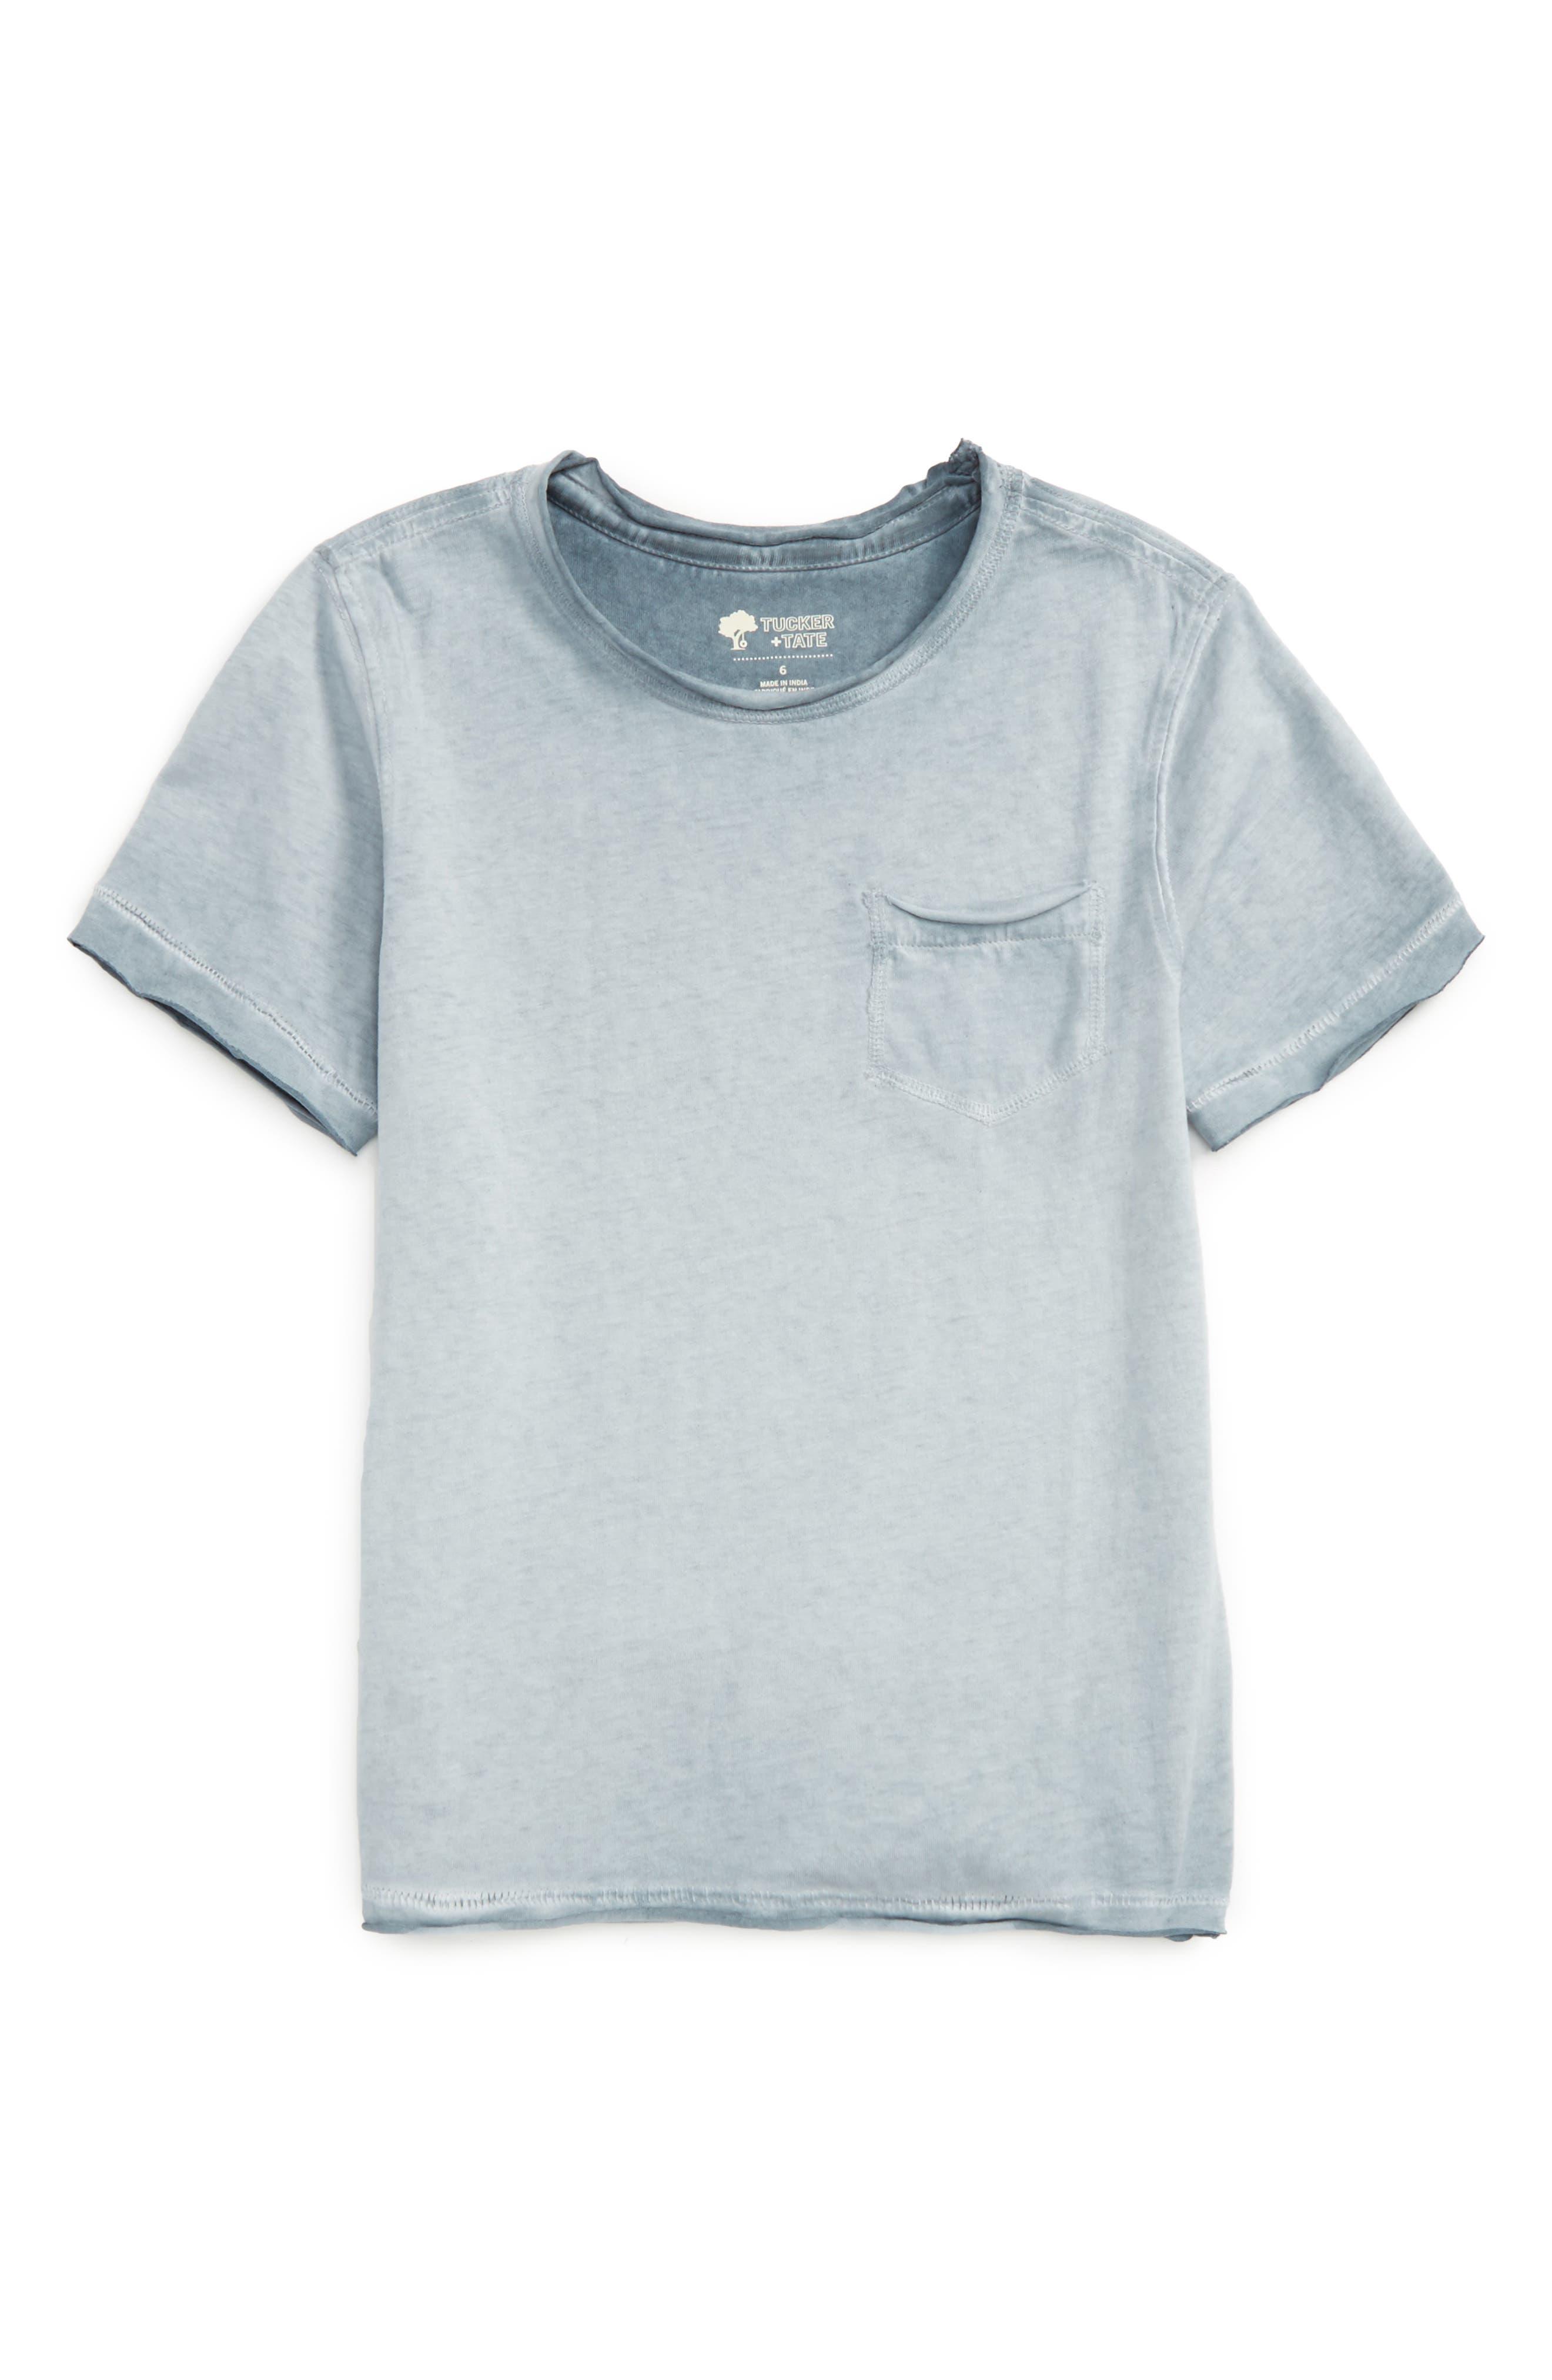 Tucker + Tate Easy T-Shirt (Toddler Boys & Little Boys)